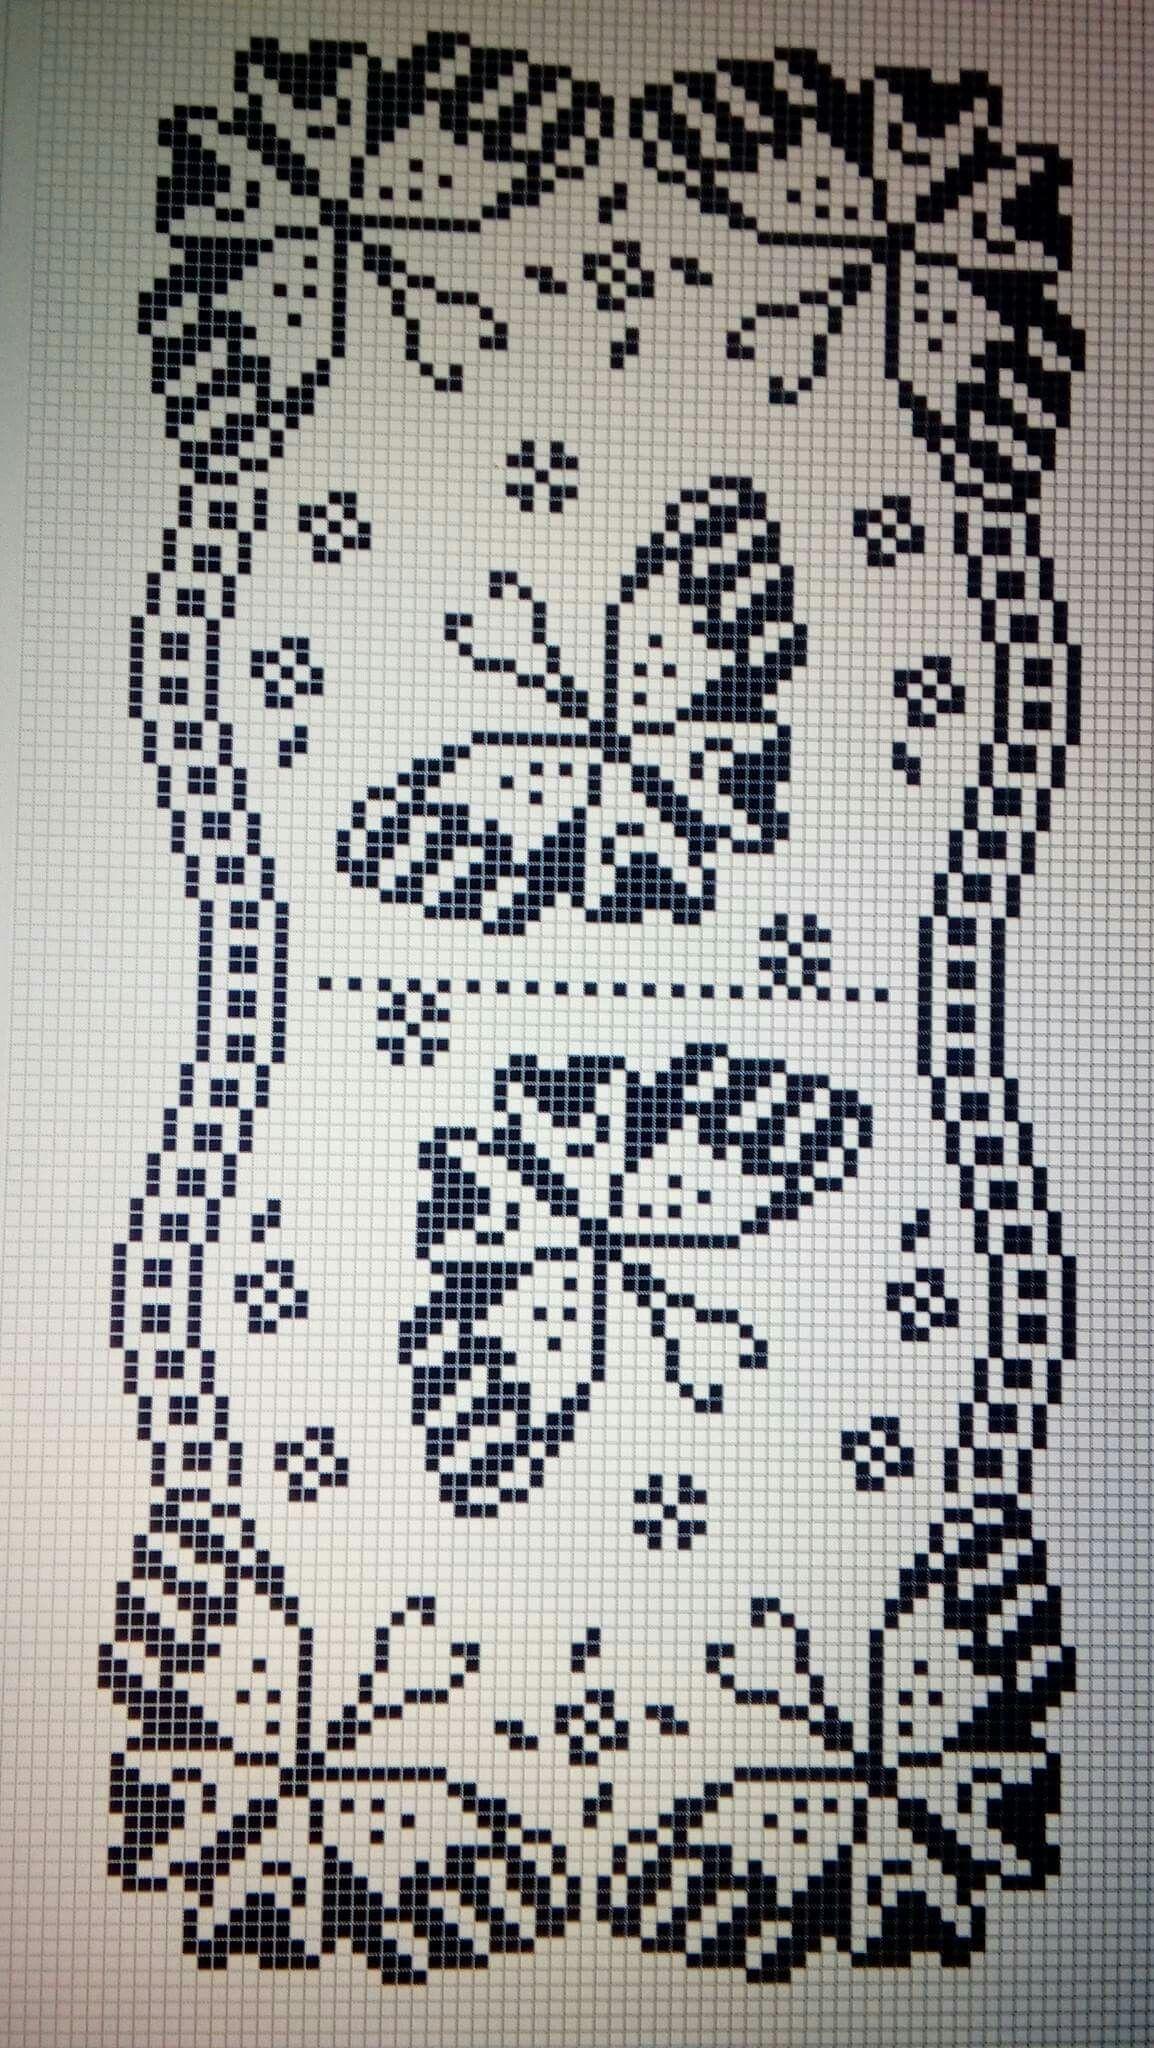 Pin de Nieves Conde Gago en crochet | Pinterest | Ganchillo, Croché ...